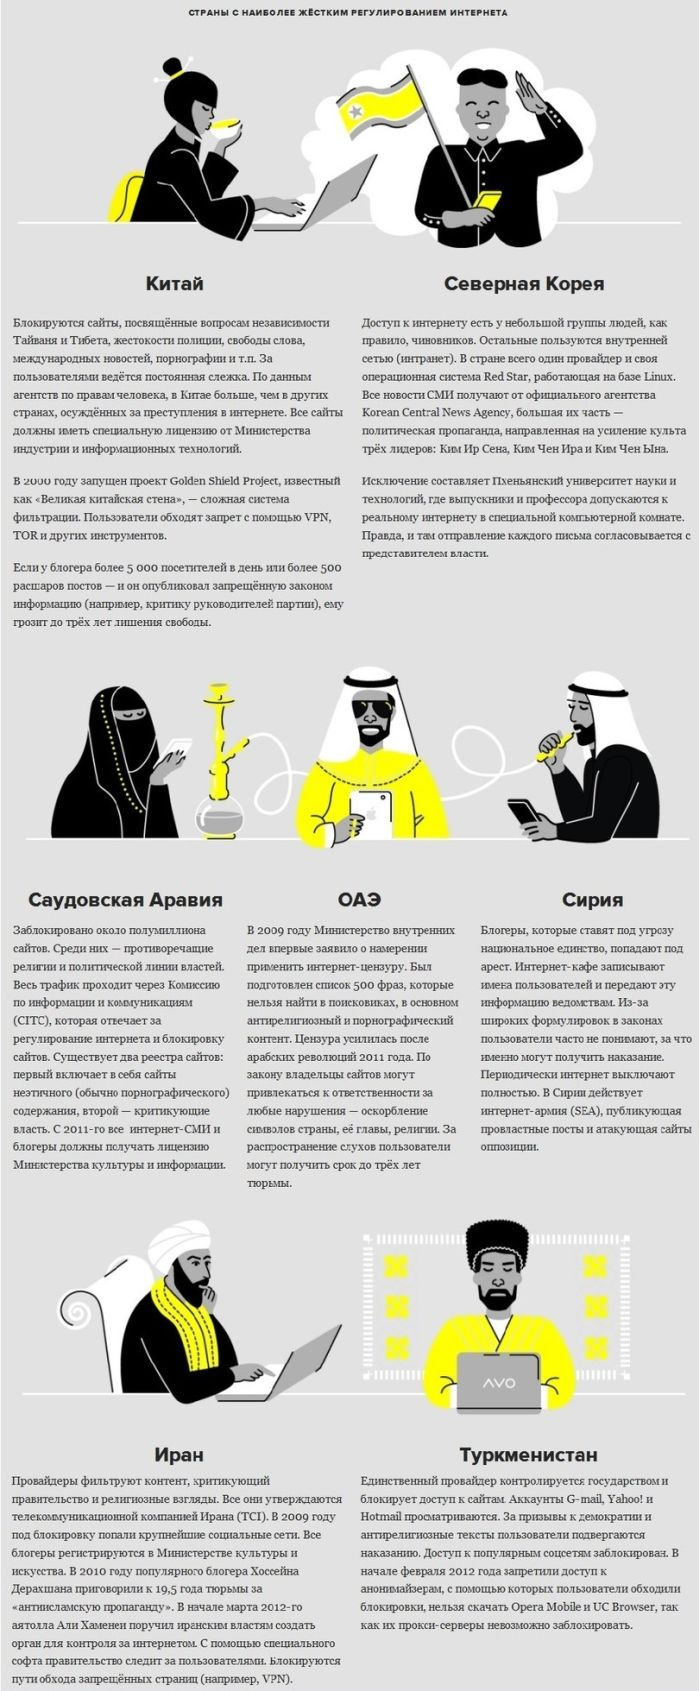 Интернет-цензура в разных странах мира (1 картинка)